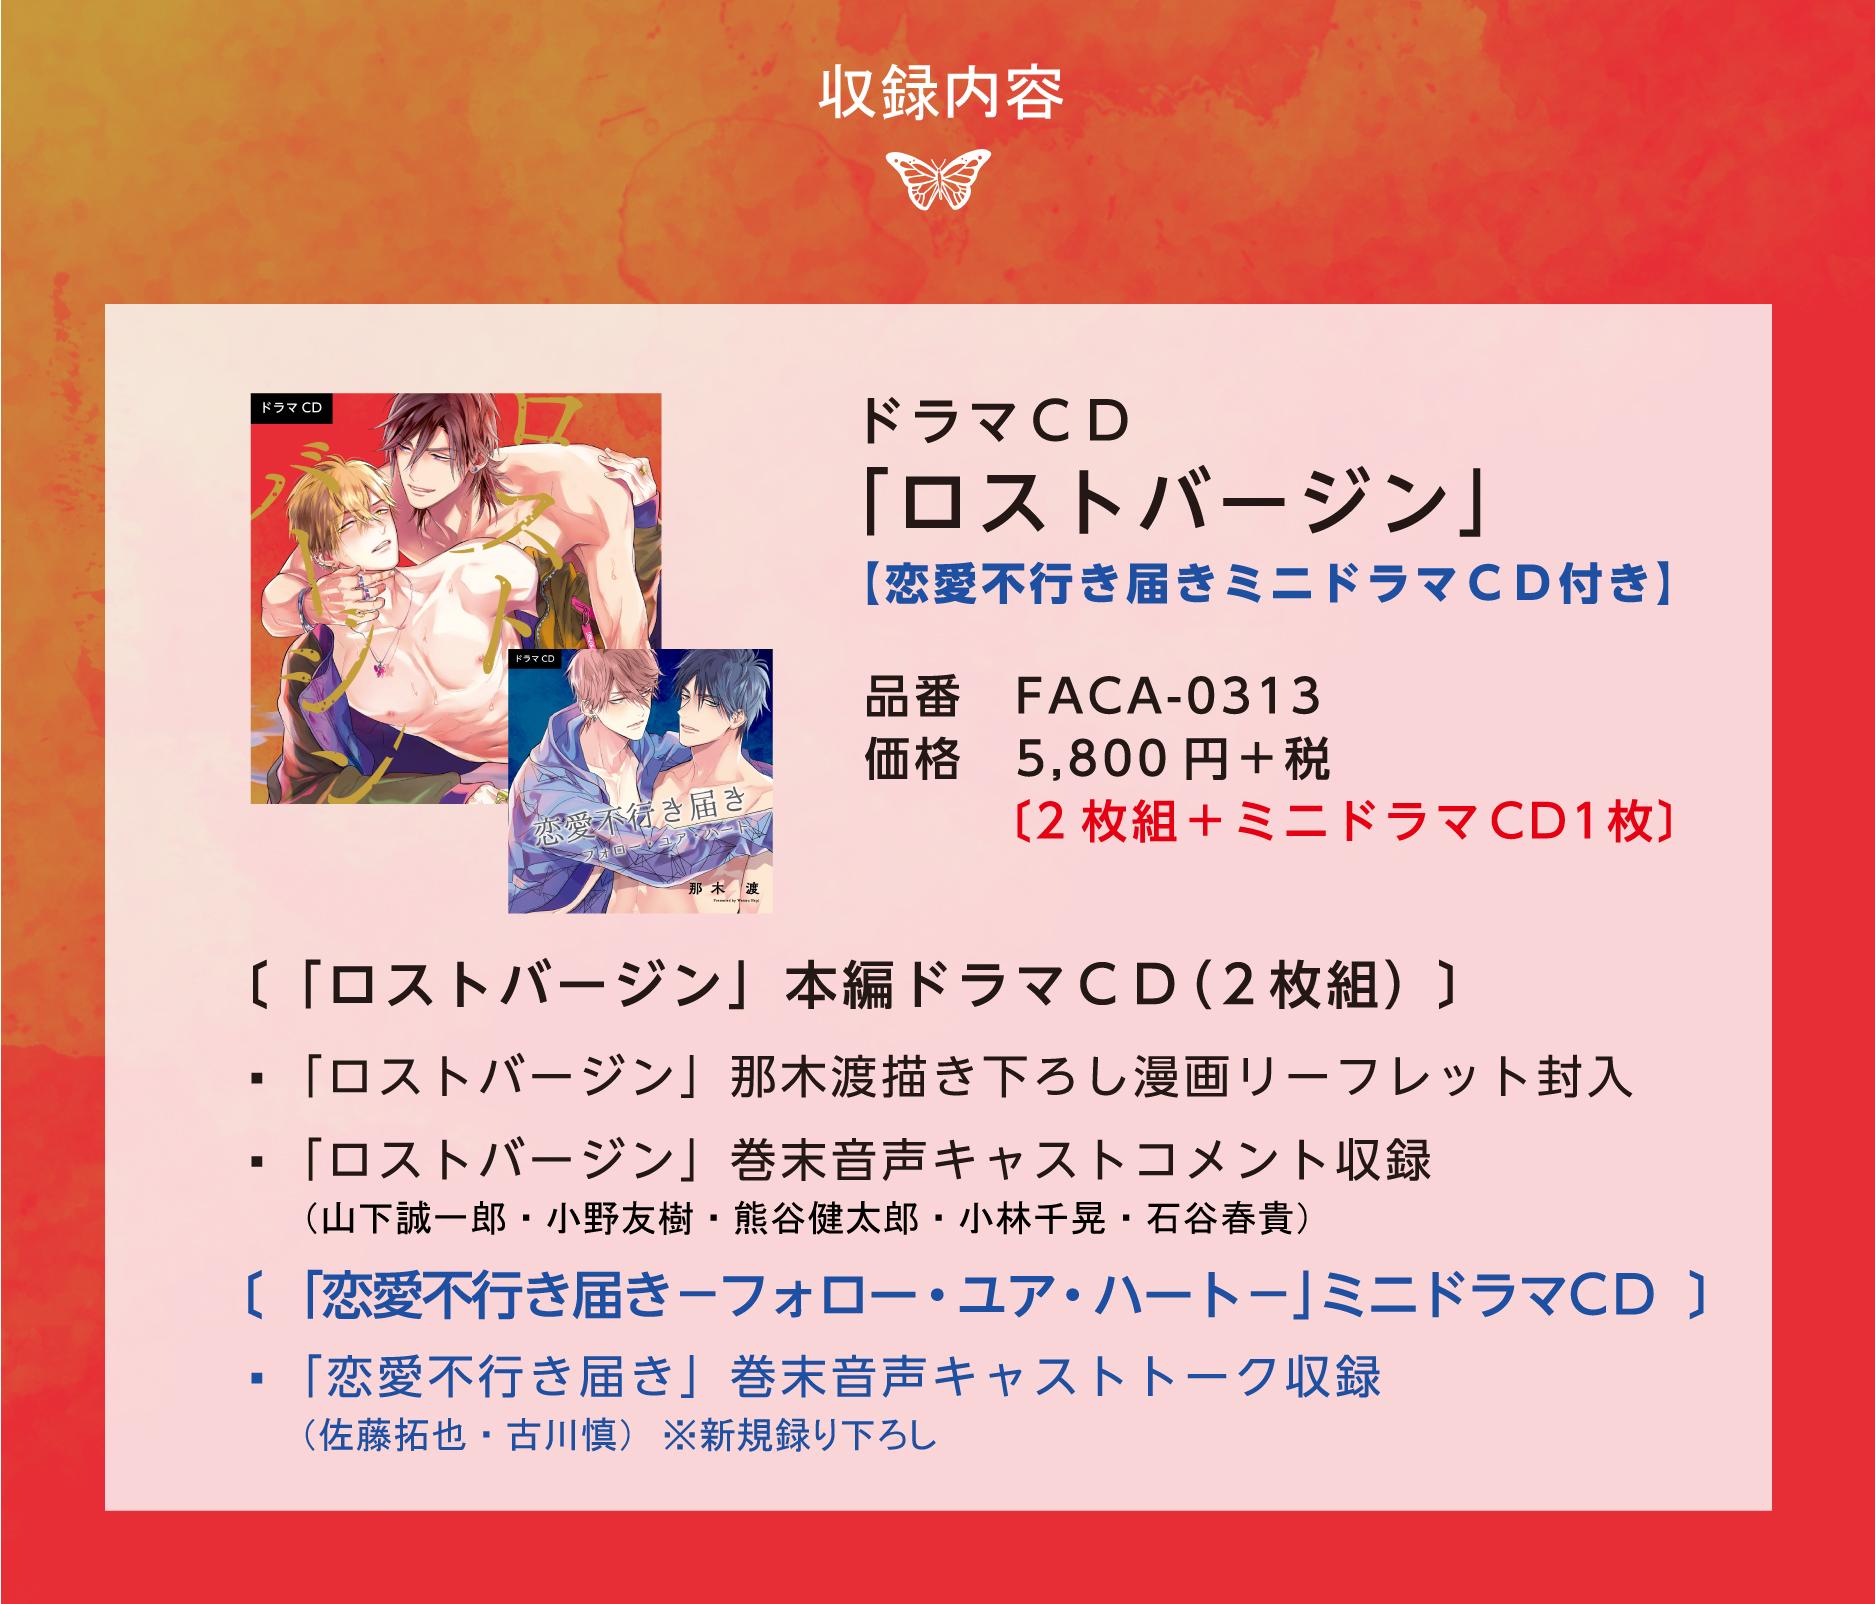 ロストバージン【恋愛不行き届き ミニドラマCD付き】